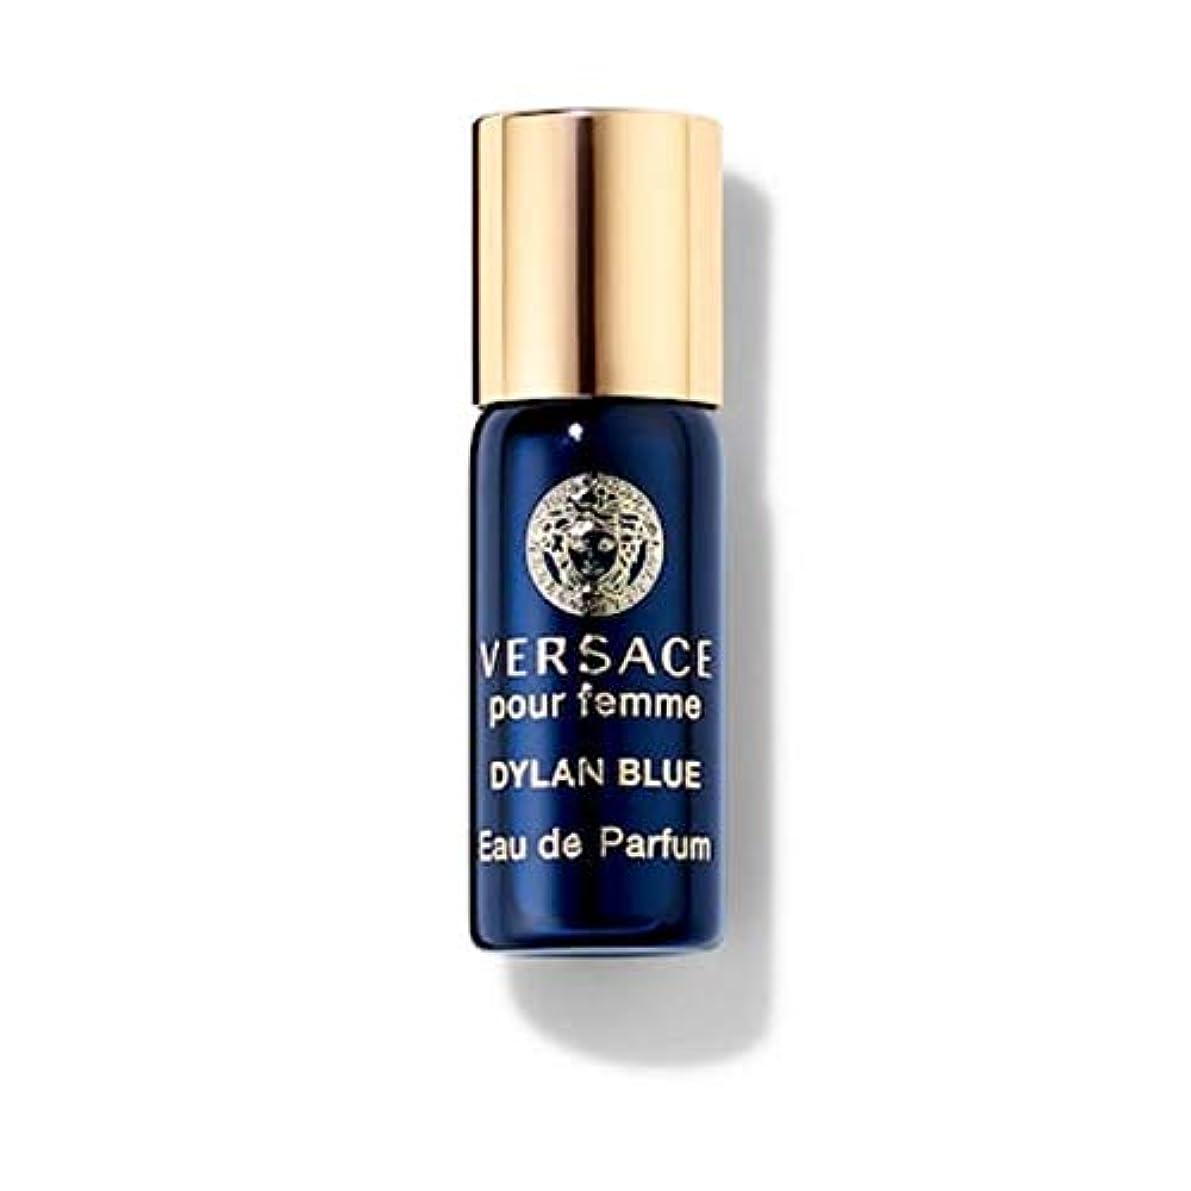 軍艦十億意義Versace Dylan Blue (ヴェルサーチ) 0.1 oz (3ml) EDP Mini Rollerball(ミニロールオン) by Versace for Women